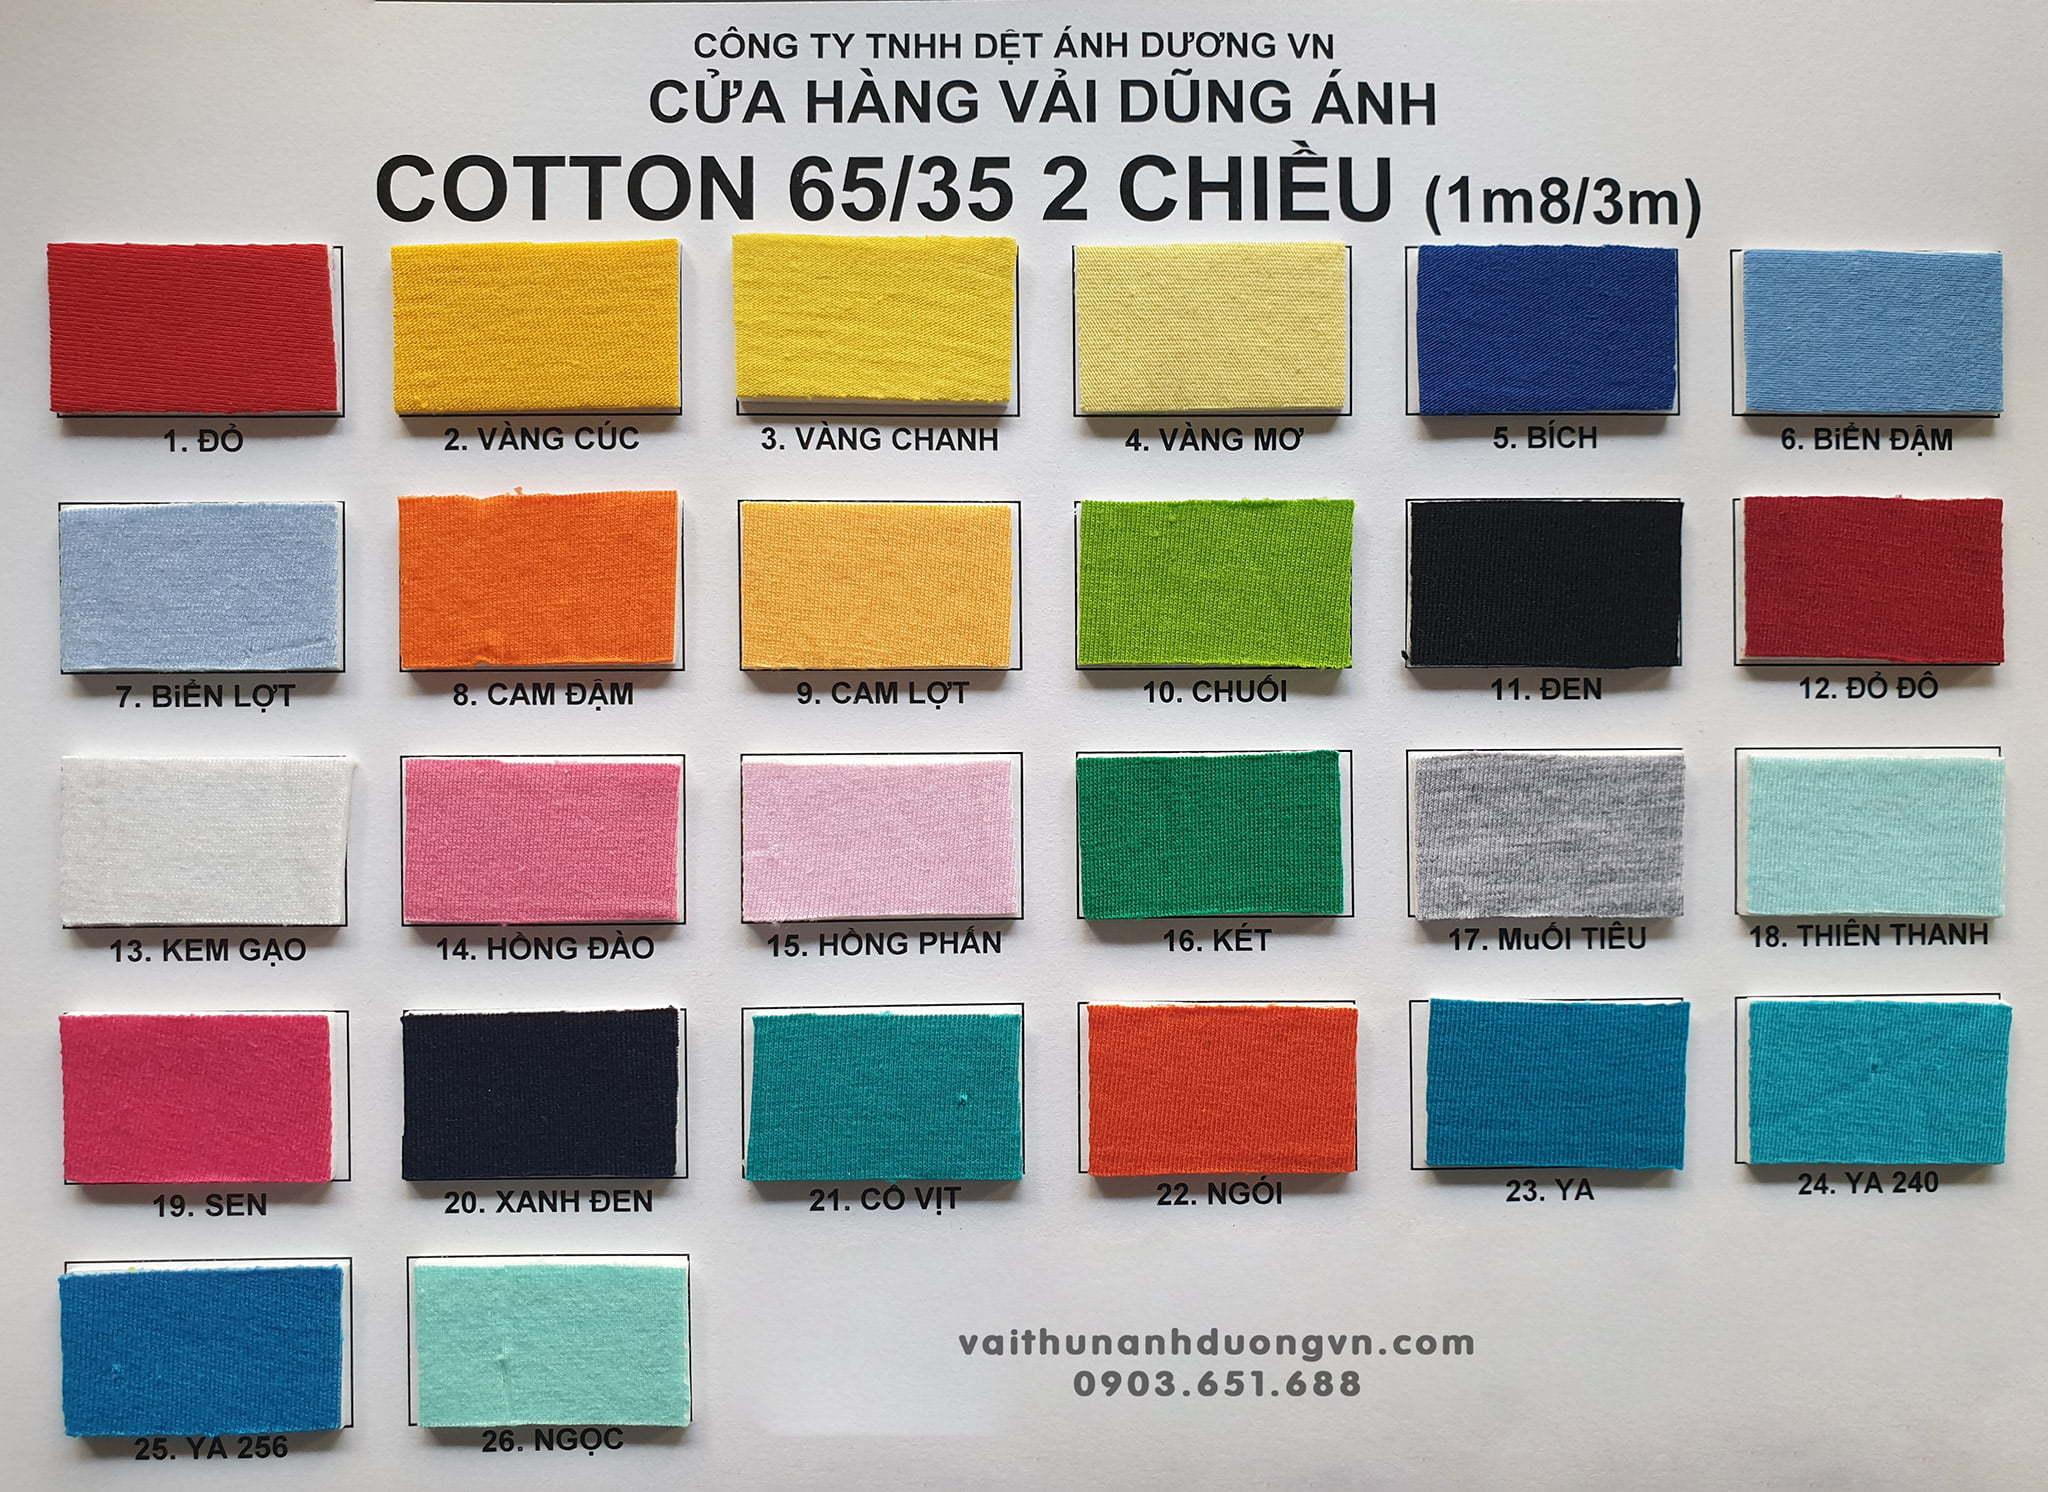 Kết quả hình ảnh cho vải cotton 65/35 4 chiều